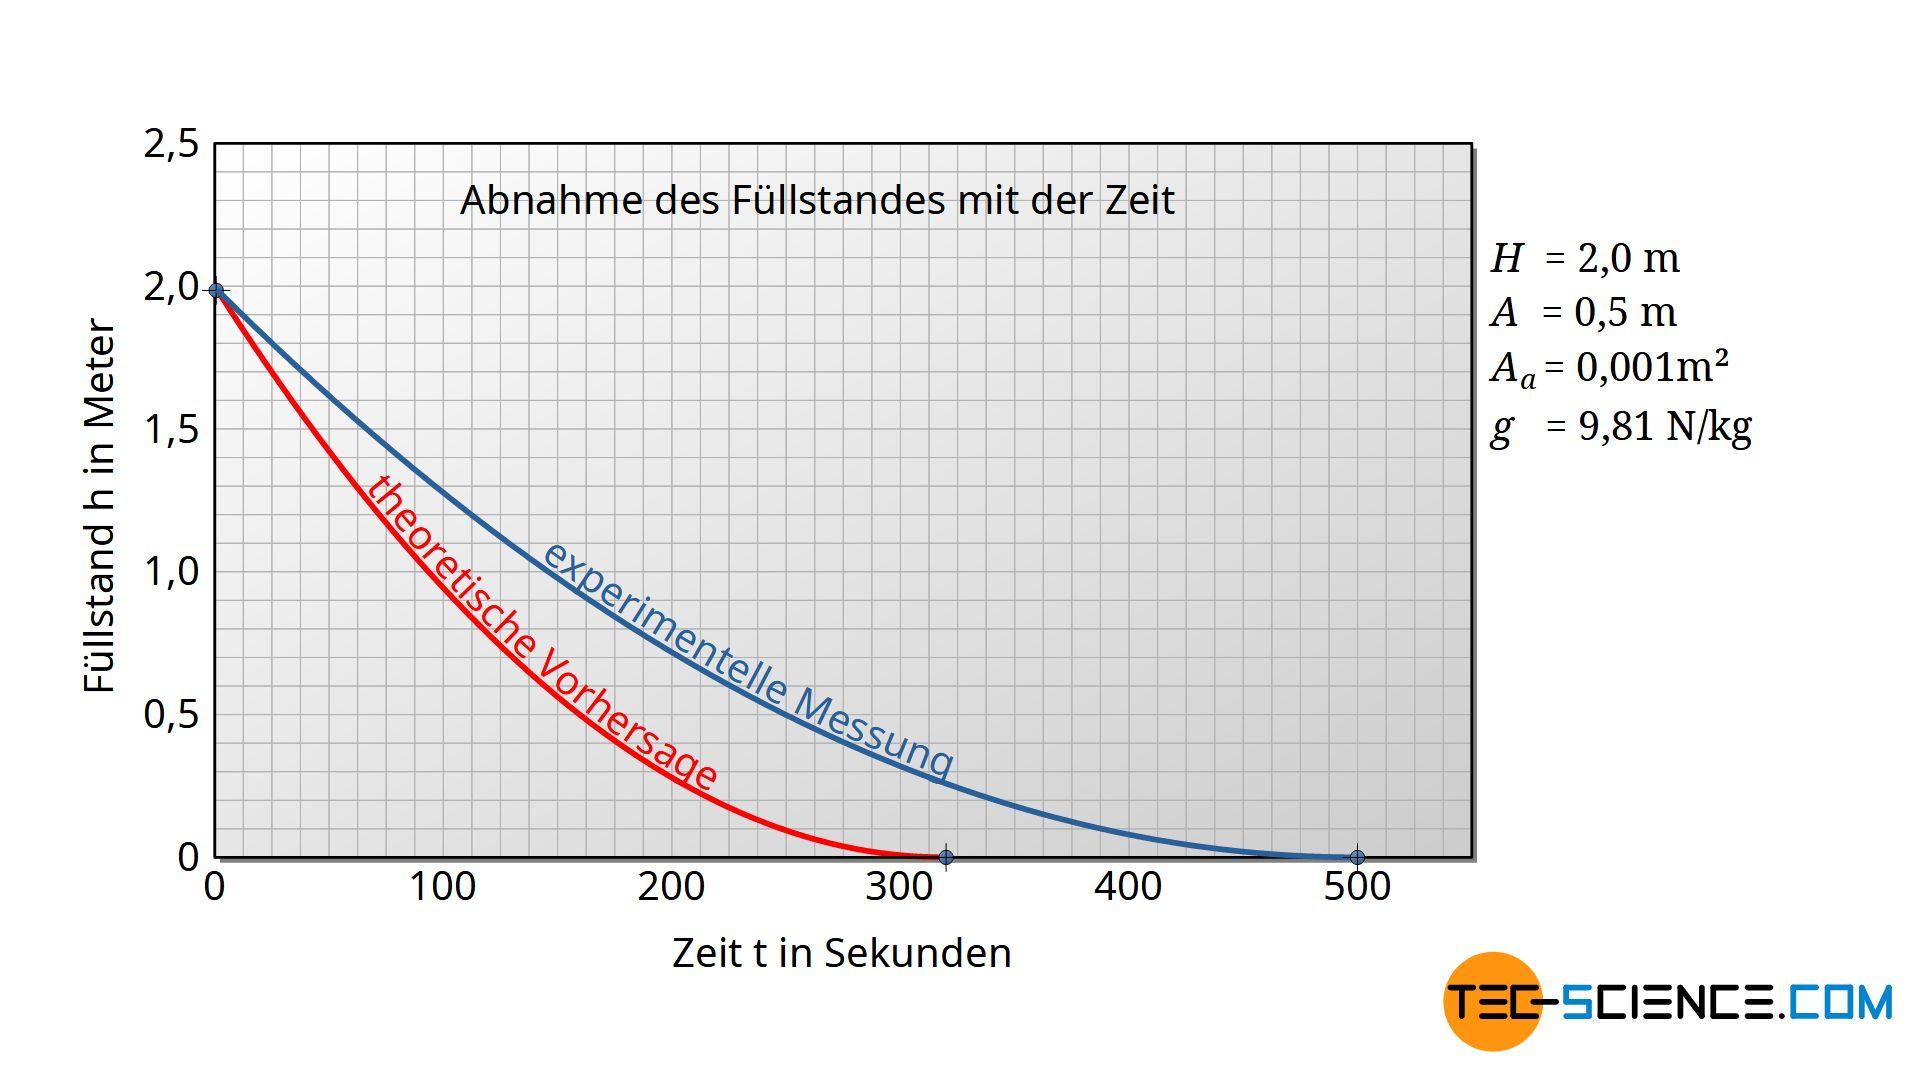 Vergleich der theoretischen Vorhersage mit einer realen Messung